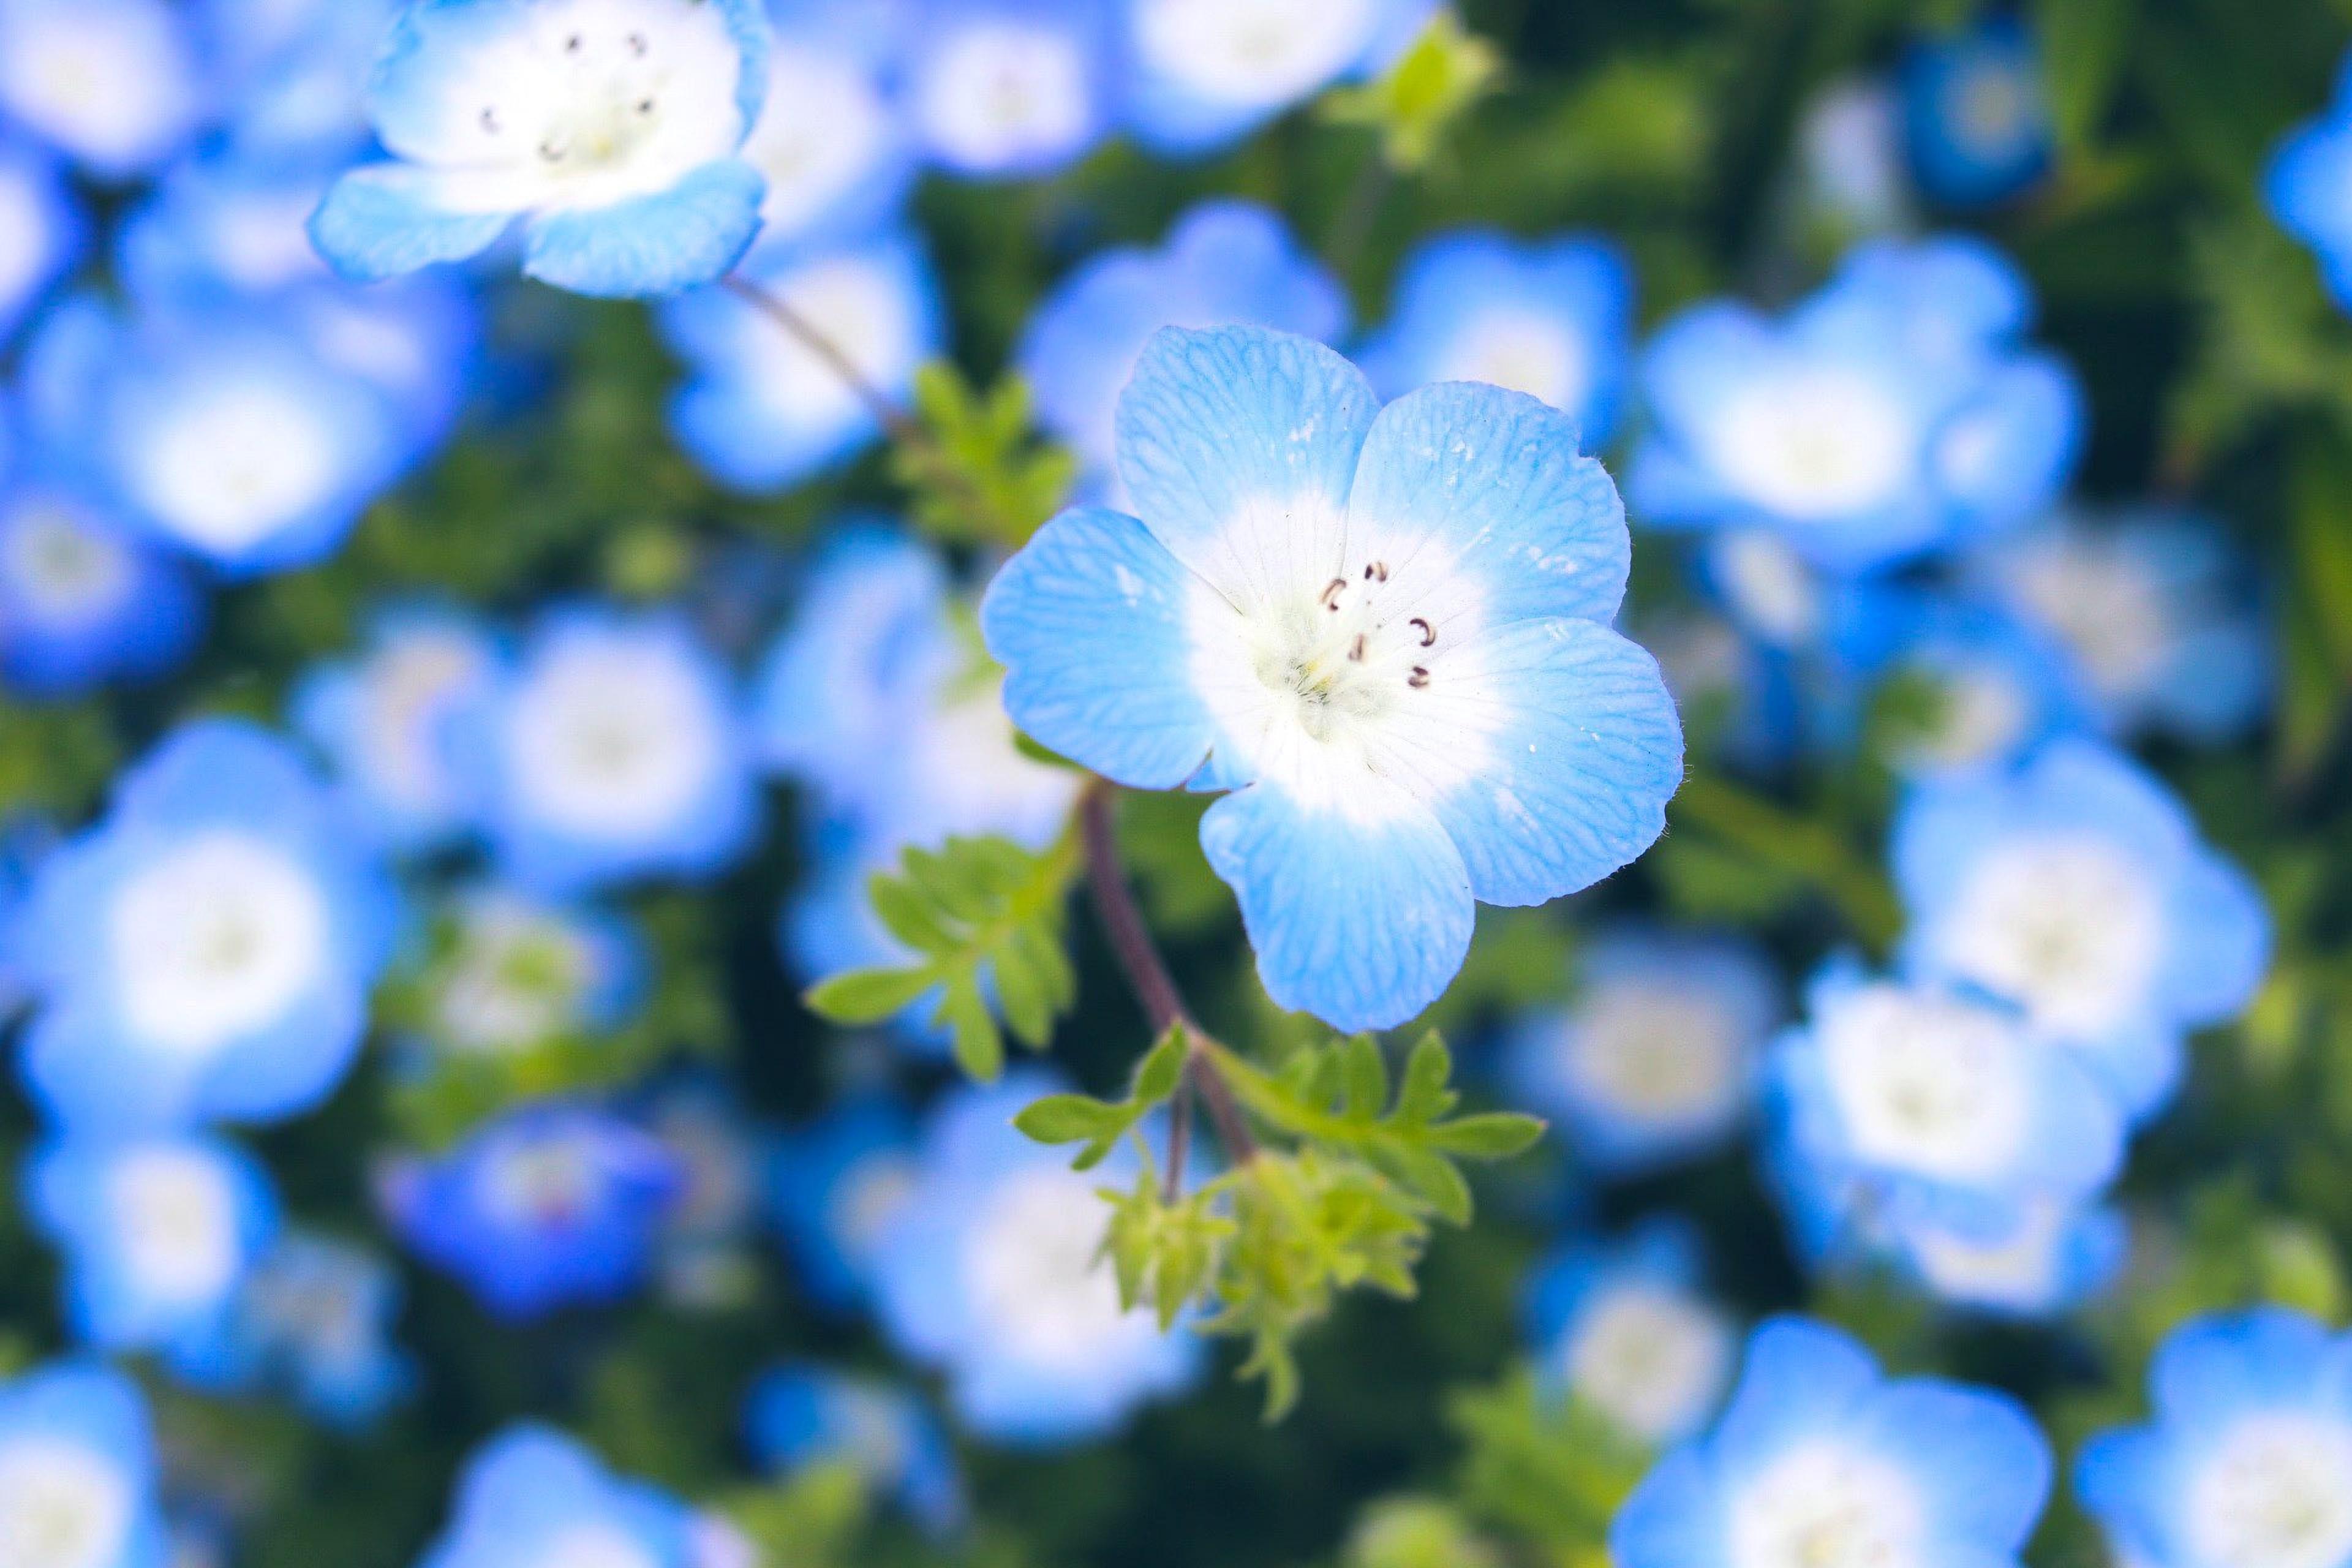 Gambar Biru Baby Blue Eyes Daun Bunga Langit Menanam Tanaman Berbunga Musim Semi Bunga Liar Fotografi Keluarga Borage Mekar Morning Glory 3840x2560 Doughnutew 1605513 Galeri Foto Pxhere